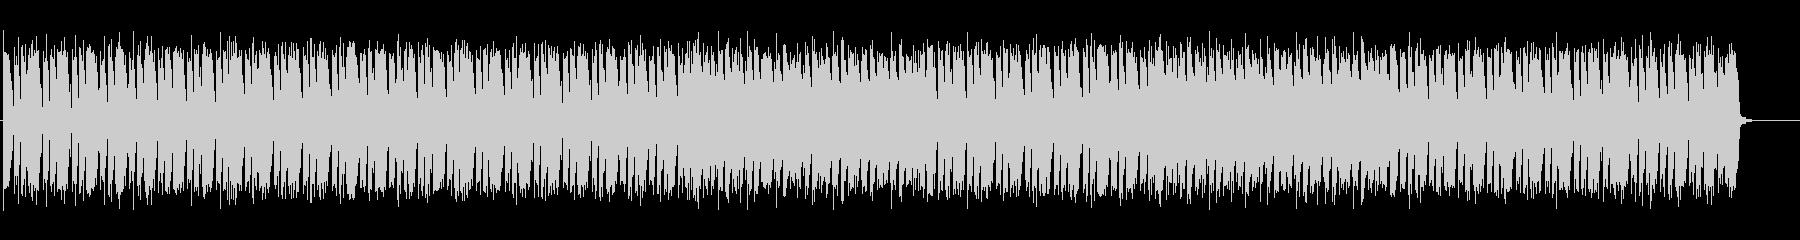 少し怪しい雰囲気のエレクトロニカBGMの未再生の波形